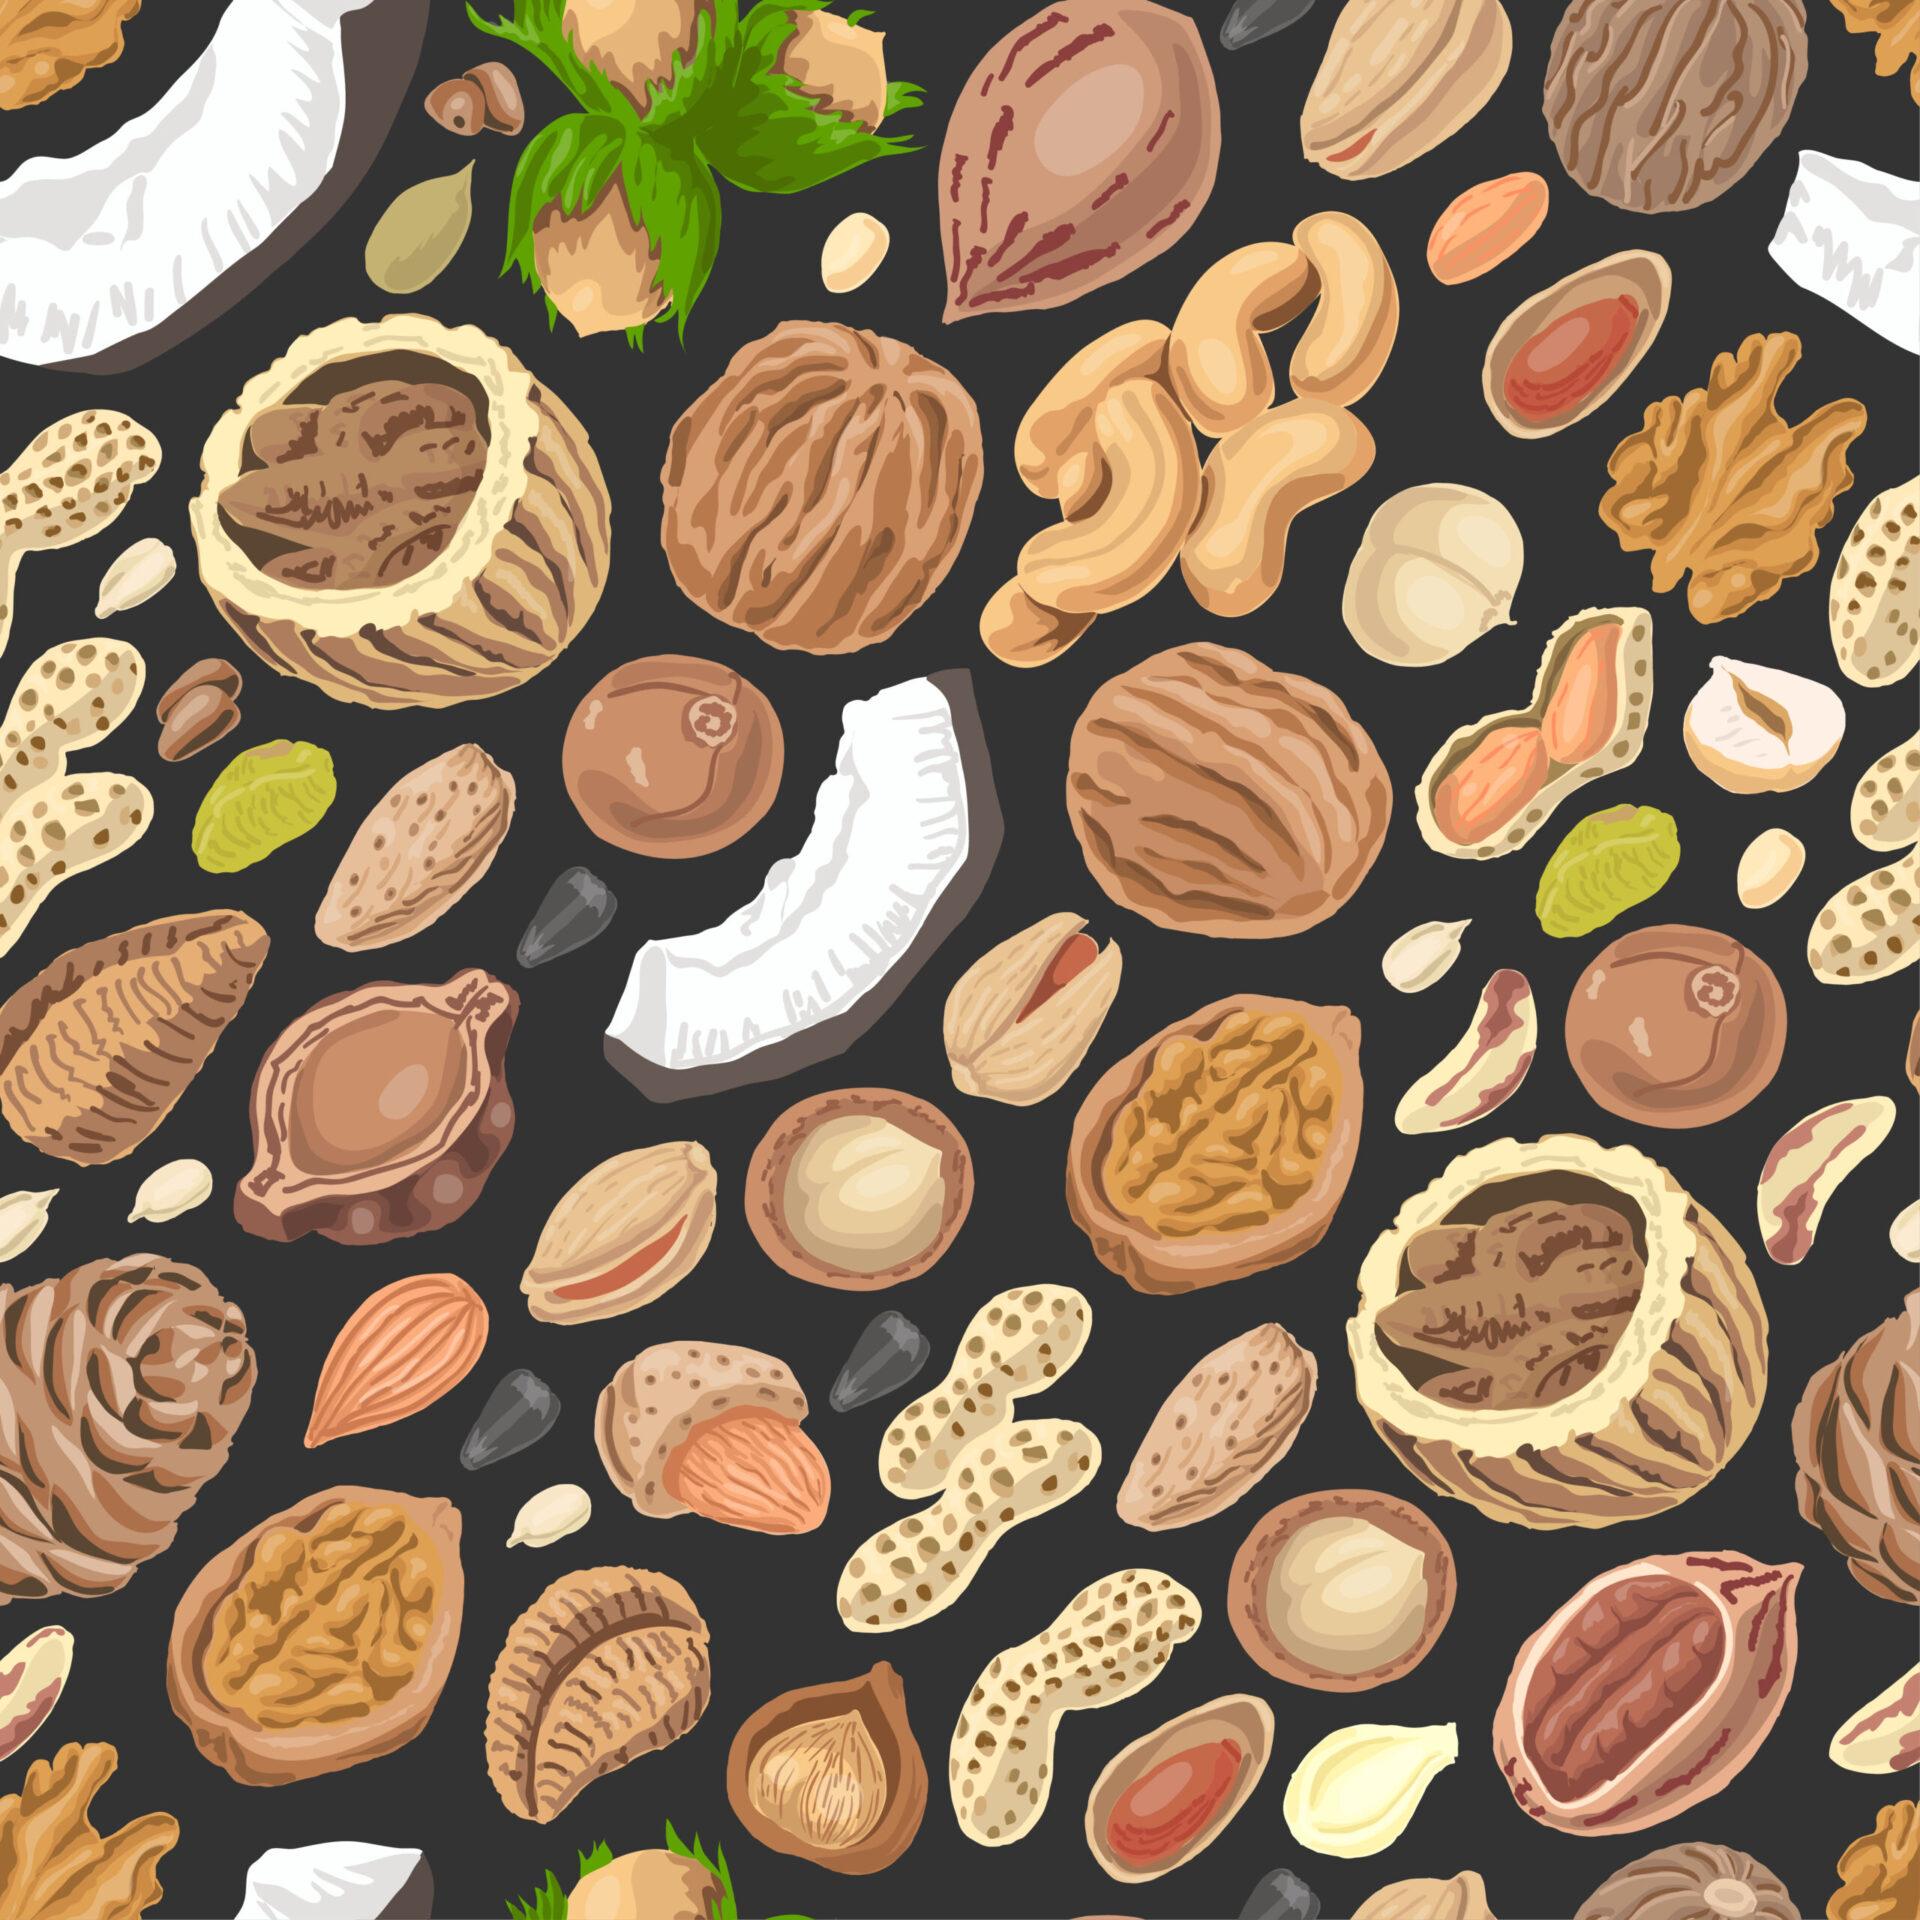 Cercetările au arătat că nuciferele (nuci, alune, migdale, caju, fistic) pot ajuta la reglarea nivelului de zahăr din sânge.